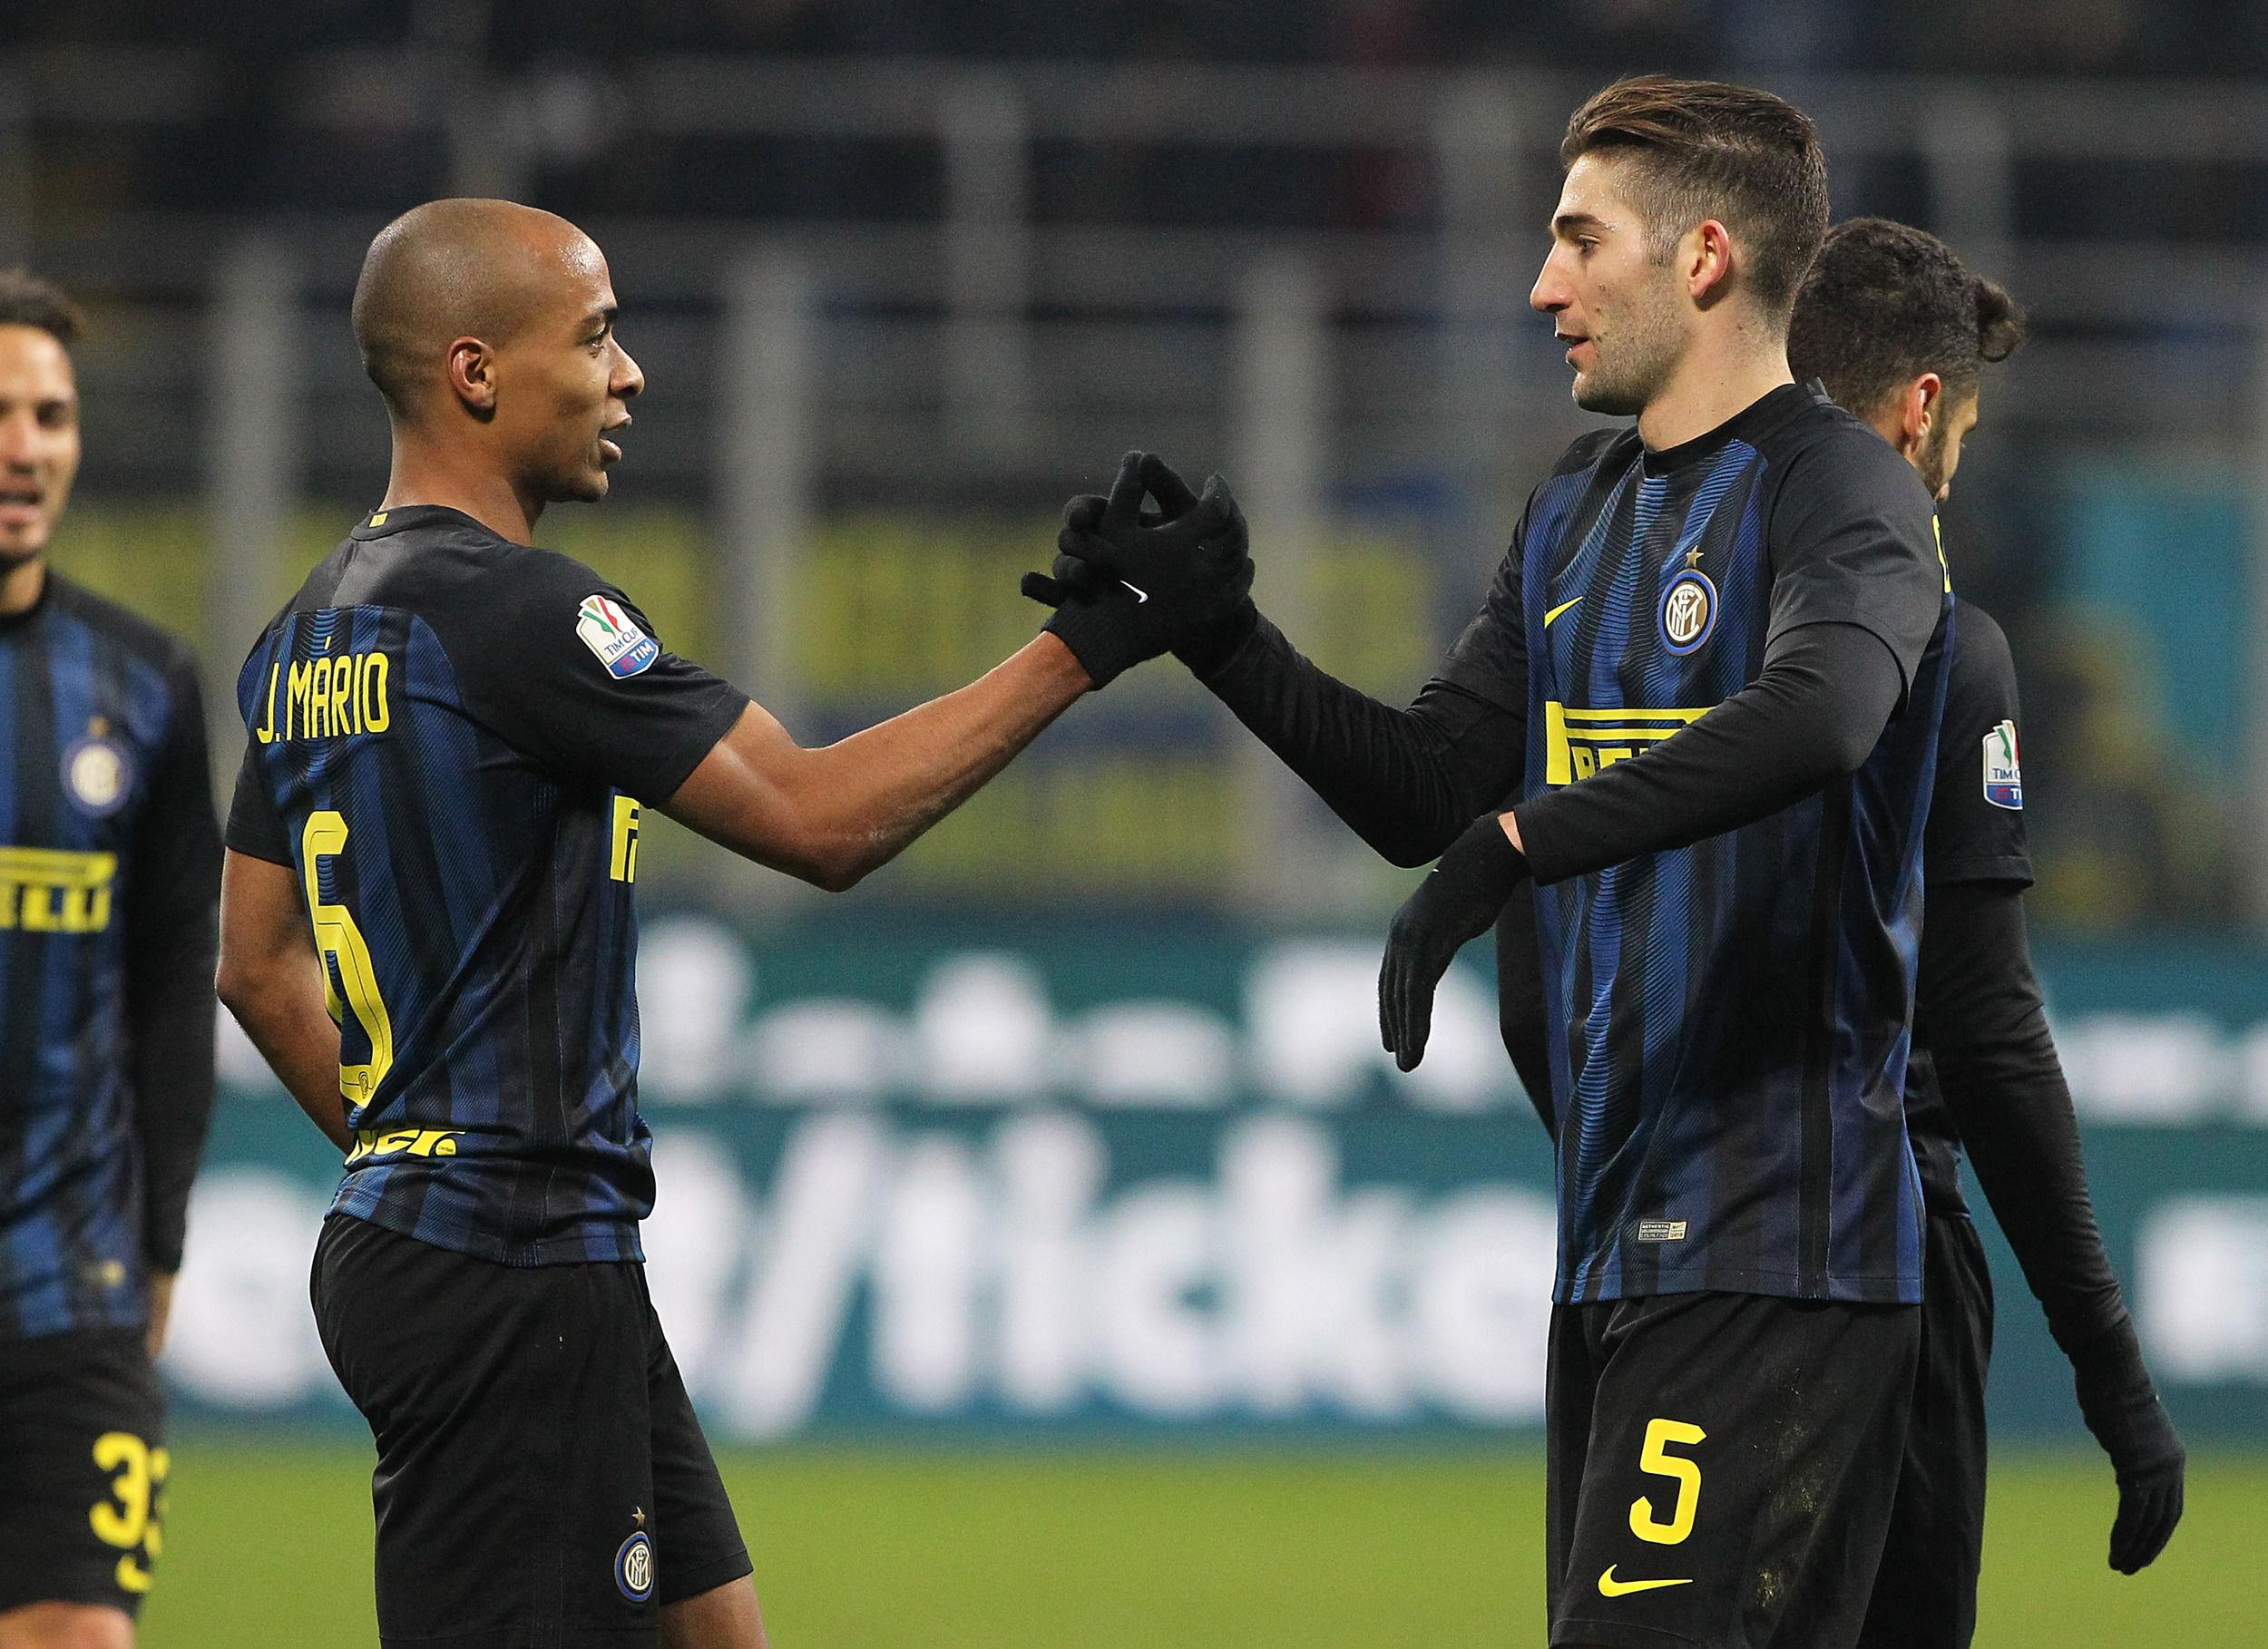 Le foto di Inter-Bologna